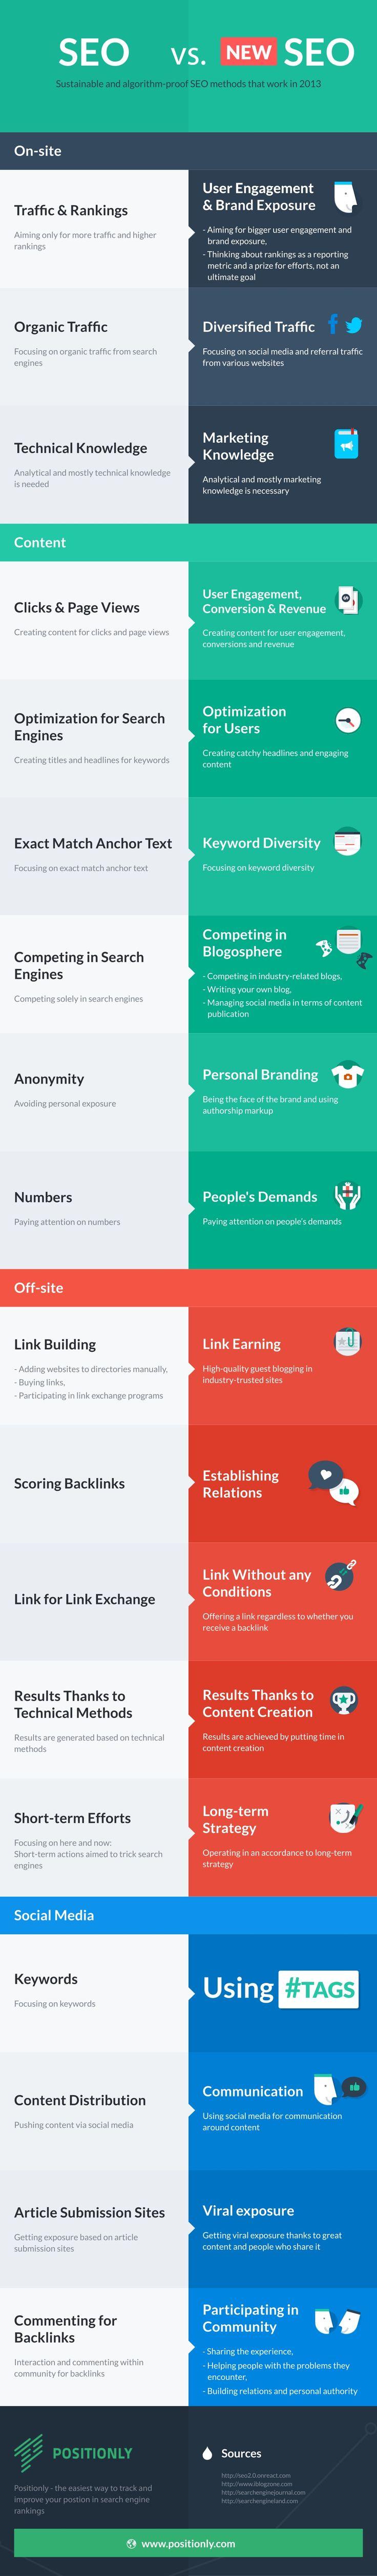 Les médias sociaux dominent sur le référencement web. Êtes-vous un New SEO ? (infographie: Positionly) http://www.dannykronstrom.com/blog-marketing-web/medias-sociaux-referencement-web-seo-pratiquent/